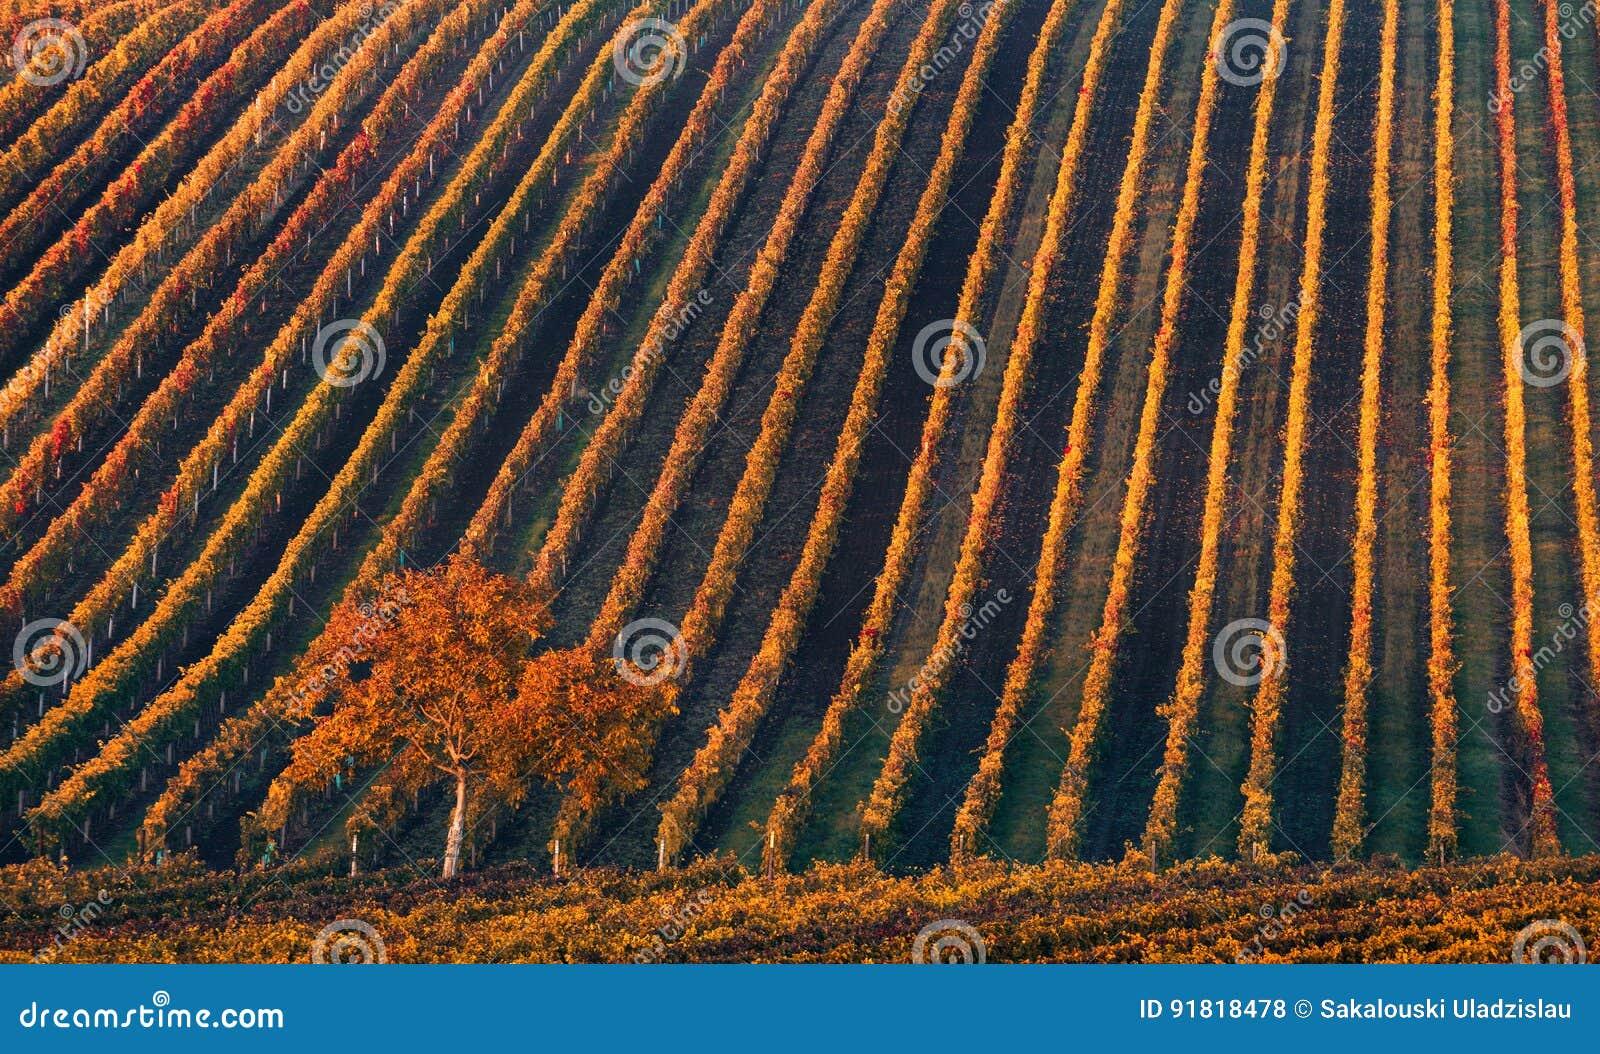 Linea e vino Un albero solo di autunno contro lo sfondo delle linee geometriche di vigne di autunno